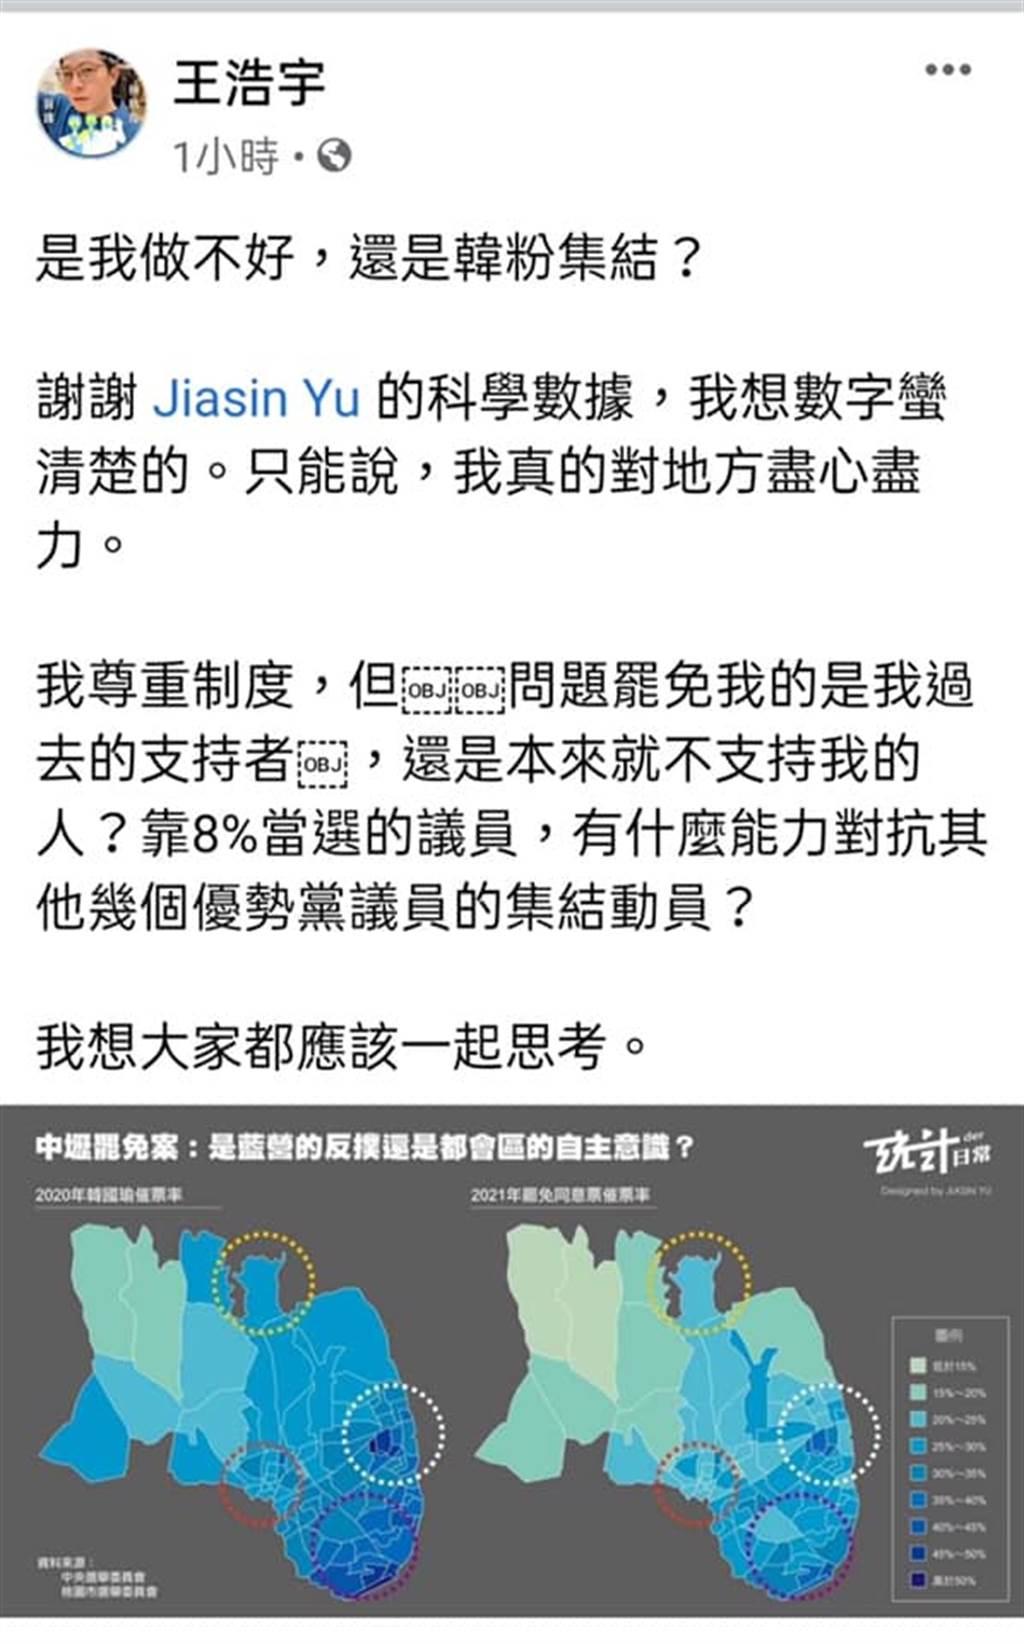 桃園市議員王浩宇臉書。(圖/翻攝自 王浩宇臉書)